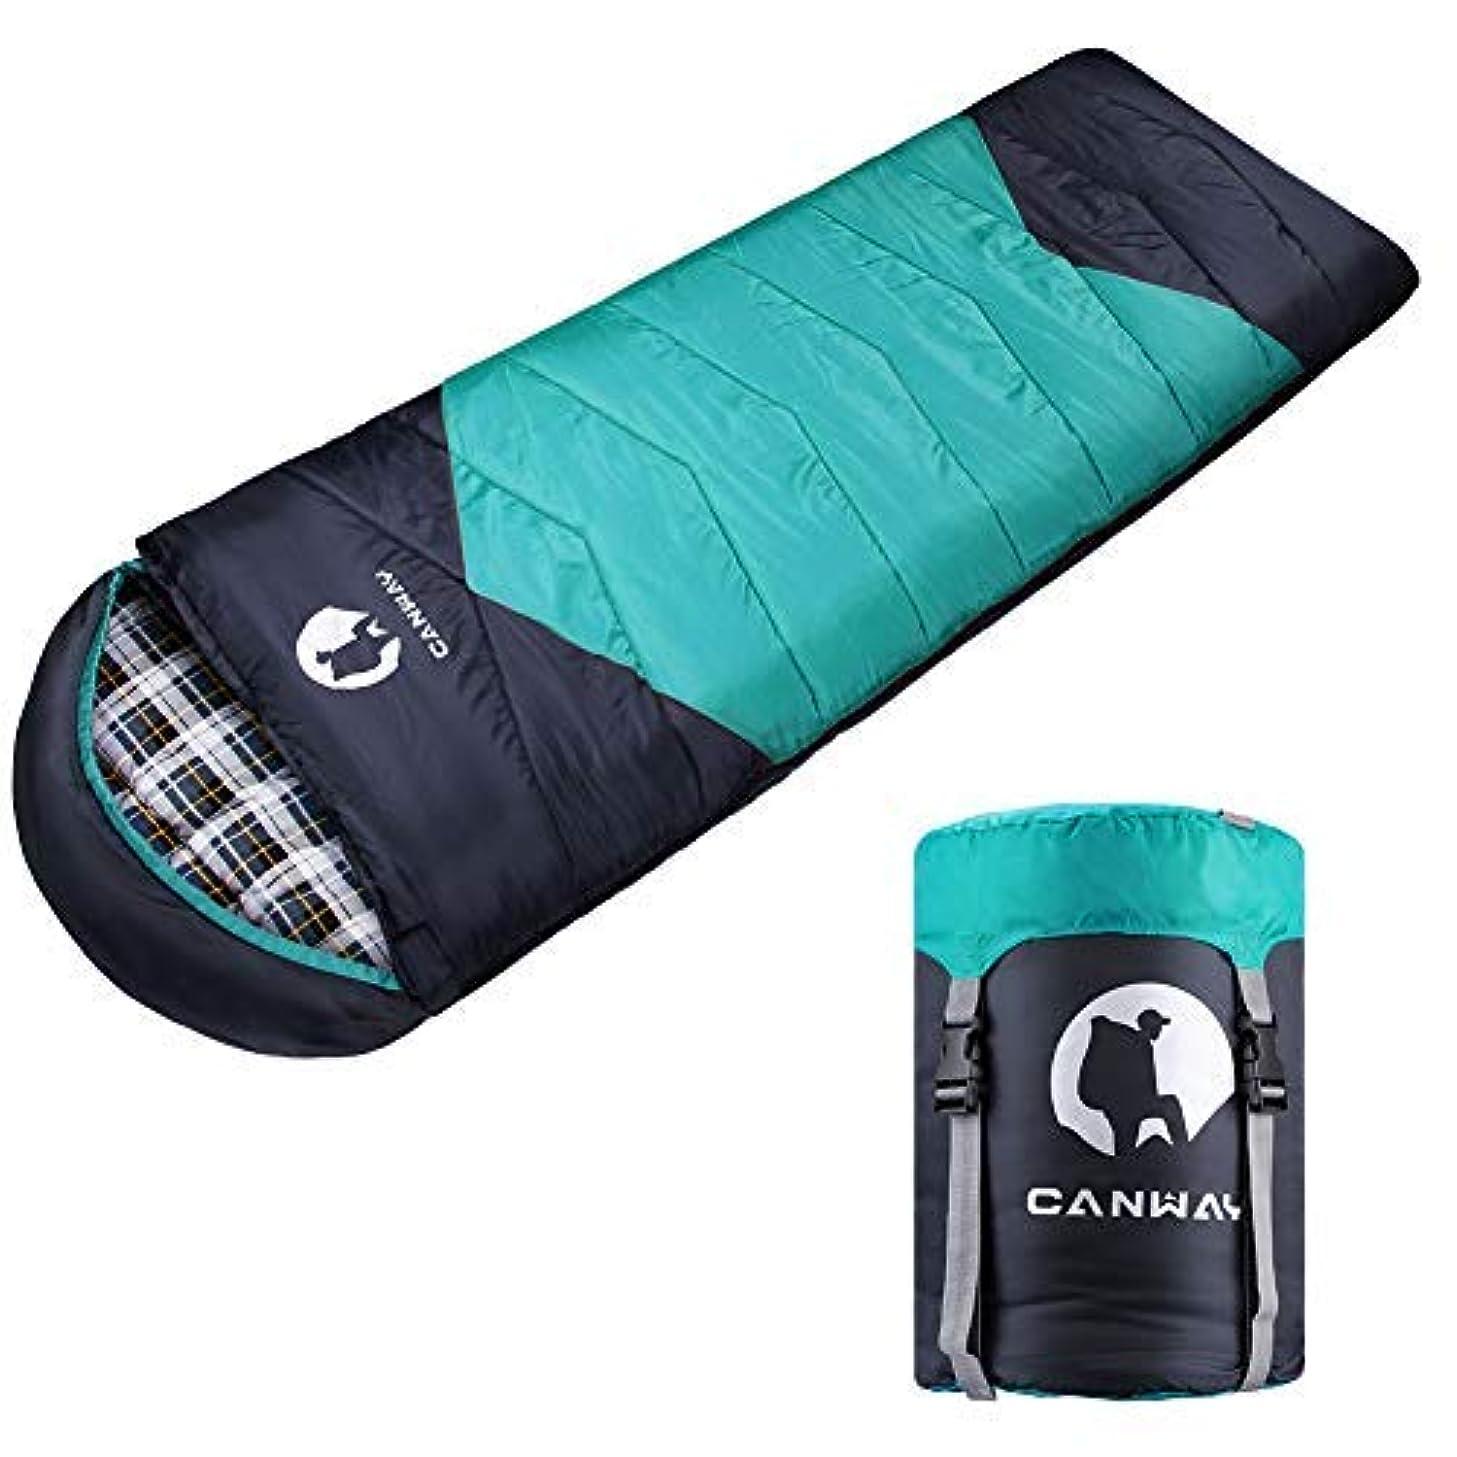 換気雇った原子炉CANWAY sleeping bag(寝袋) with Compression Sack, Lightweight and Waterproof for Warm & Cold Weather, Comfort for 4 Seasons Camping/Traveling/Hiking/Backpacking, Adults & Kids [並行輸入品]